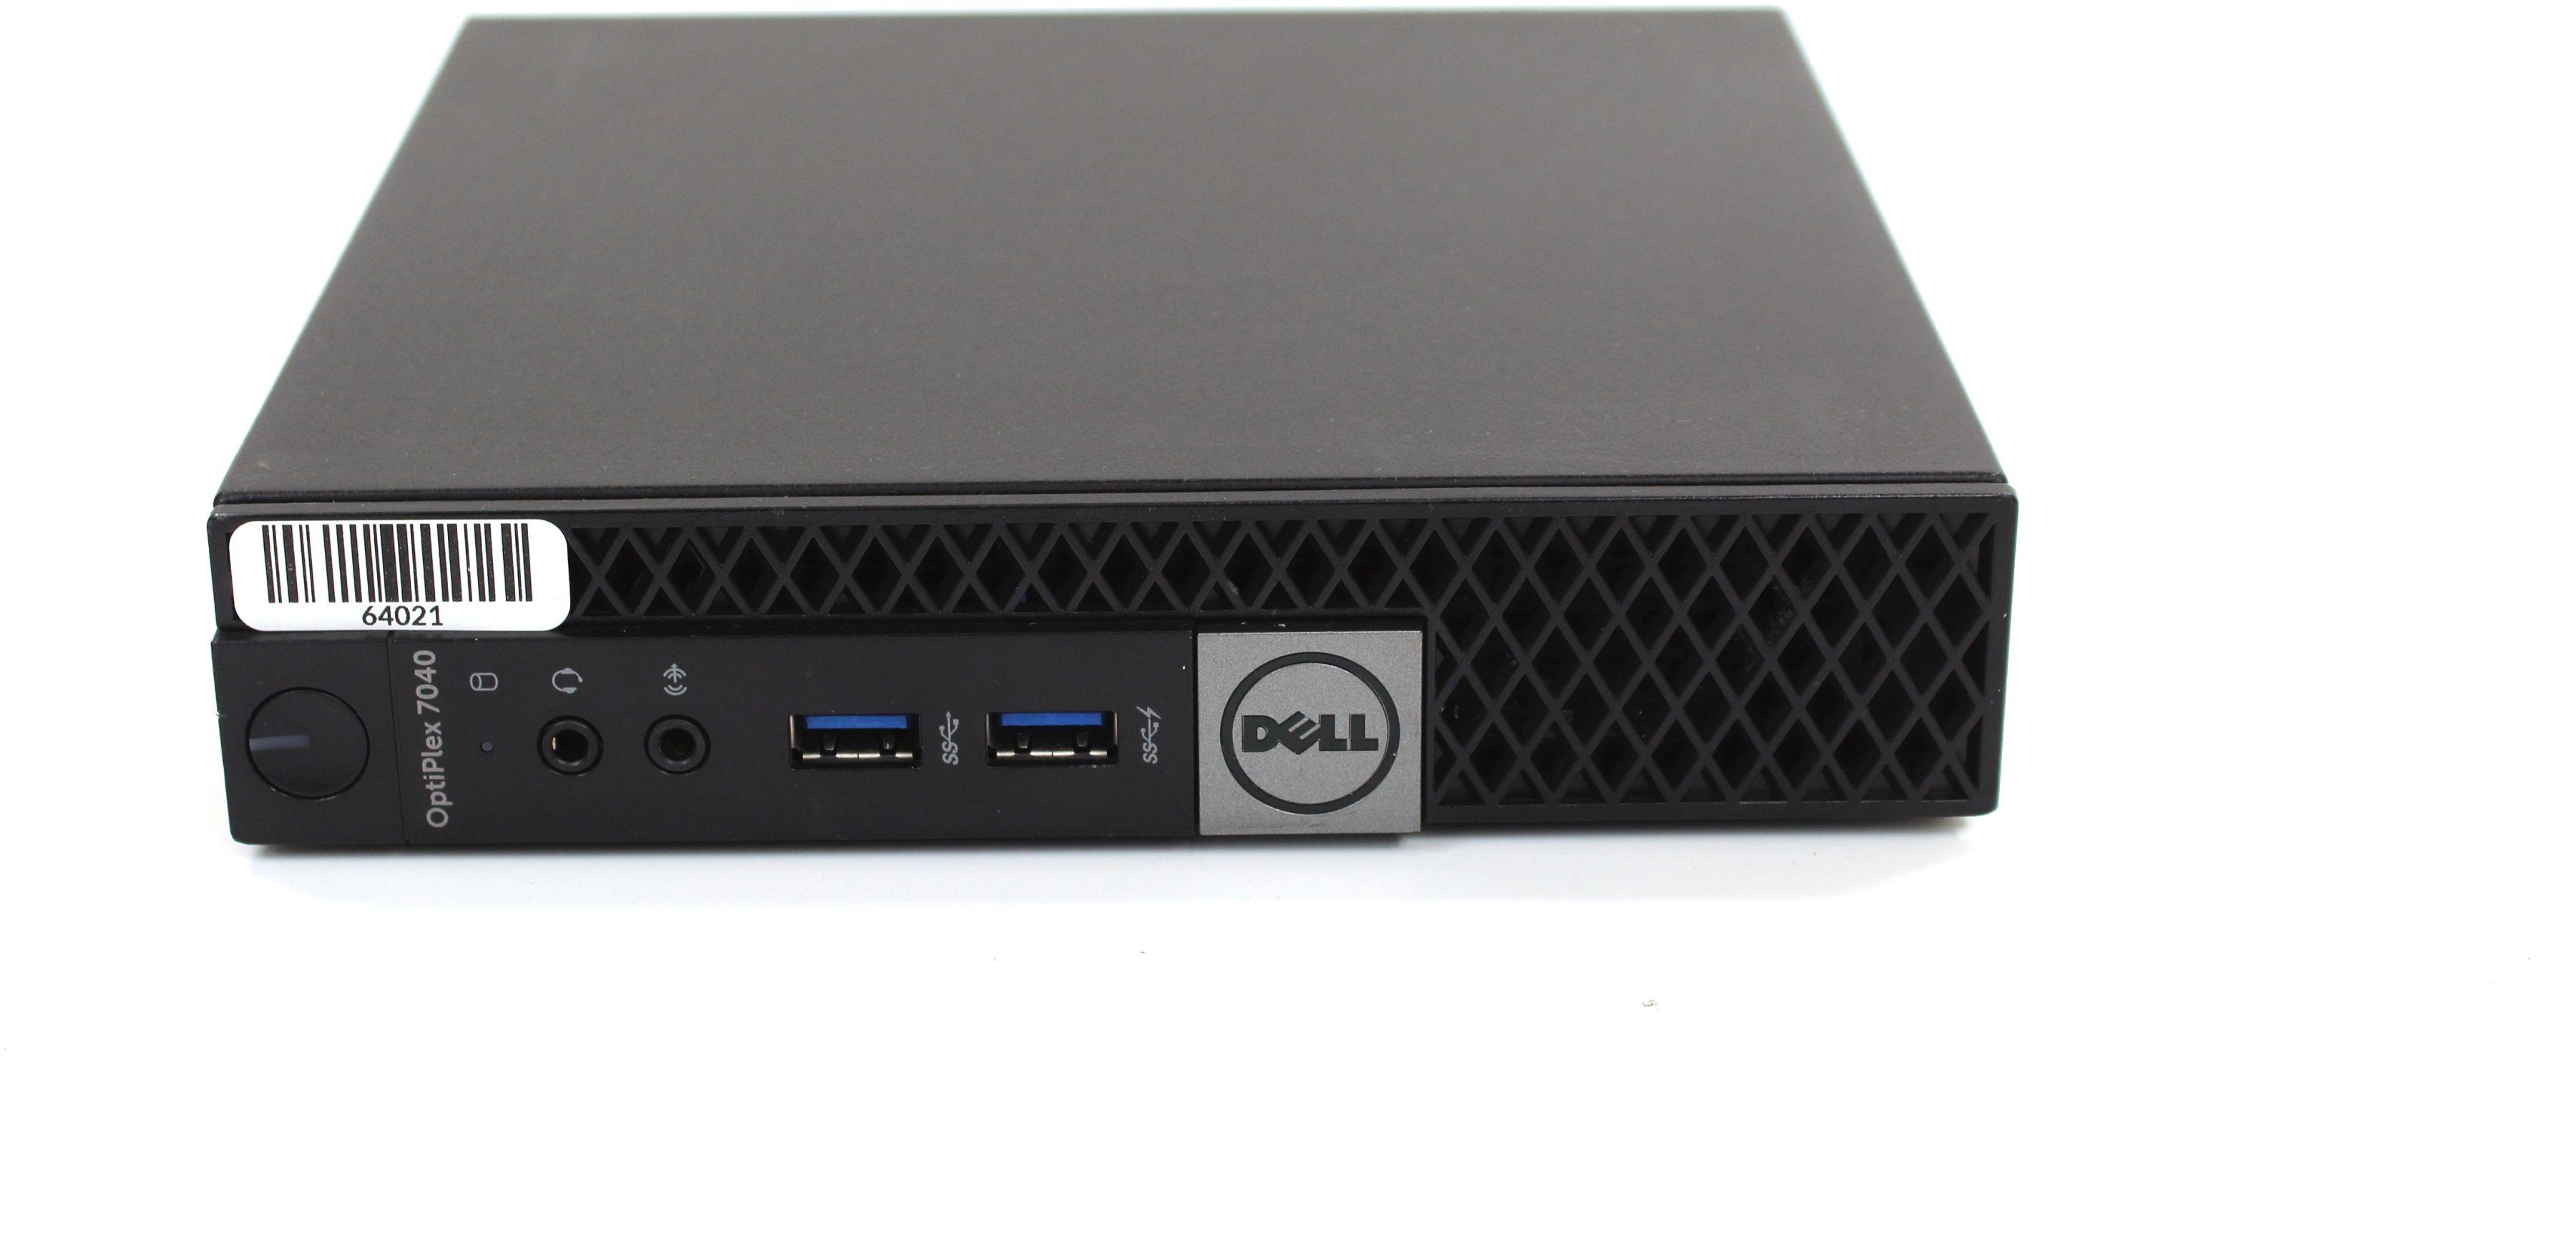 Komputer Dell OptiPlex 7040 Micro i5-6500T 4x3,10GHz 8GB 240GB SSD Windows 7/8/10 Professional